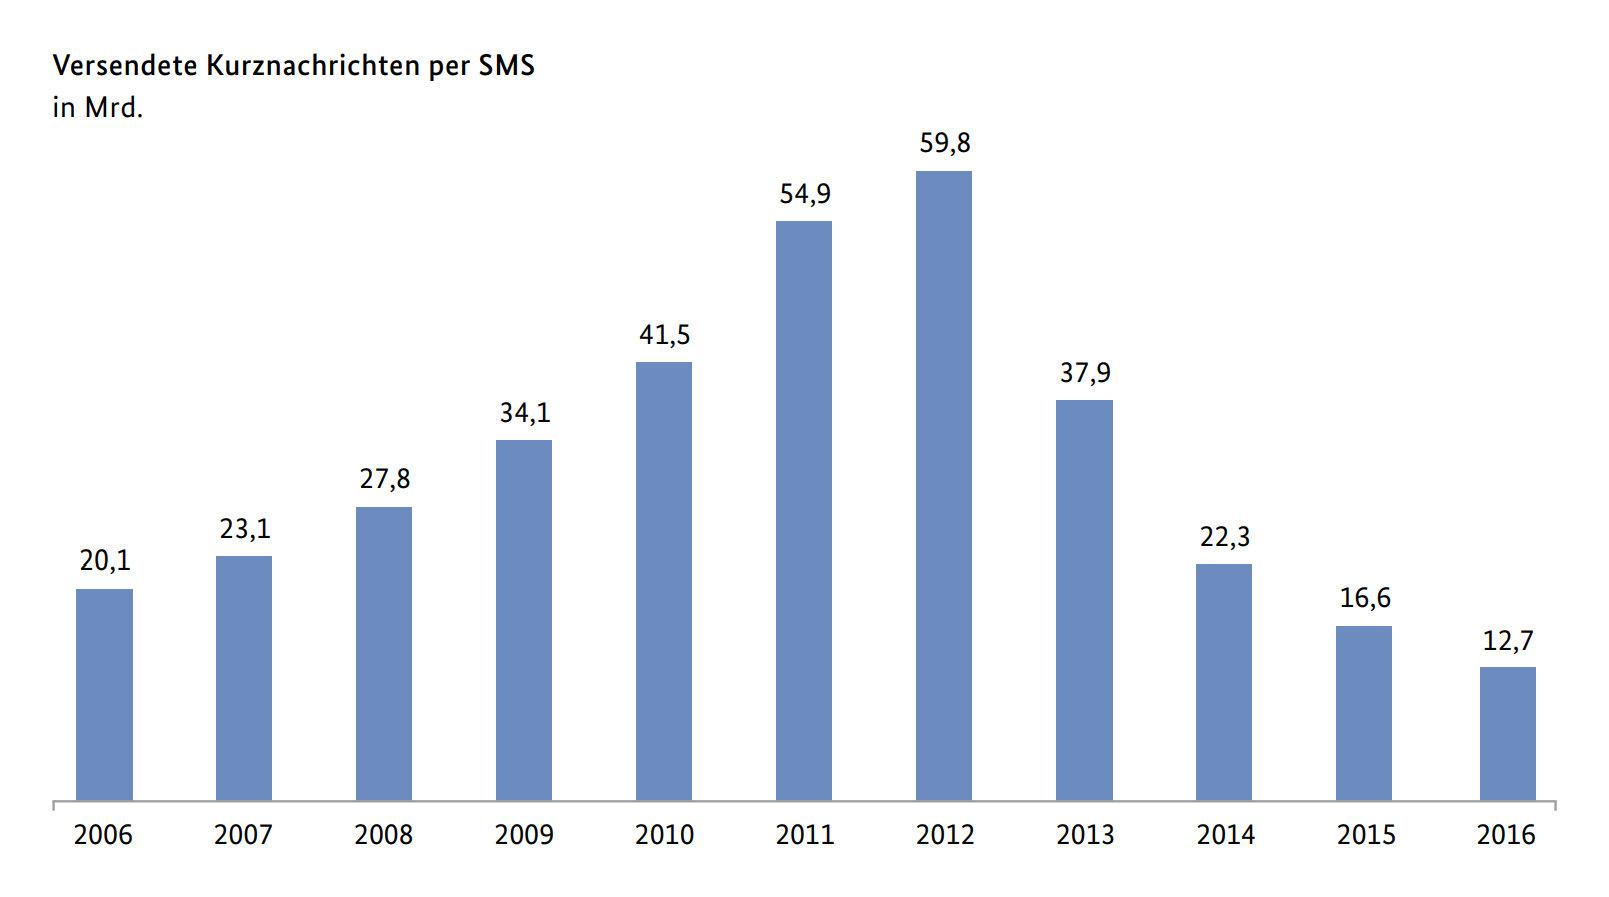 Die SMS ist weit weniger beliebt als vor fünf Jahren noch